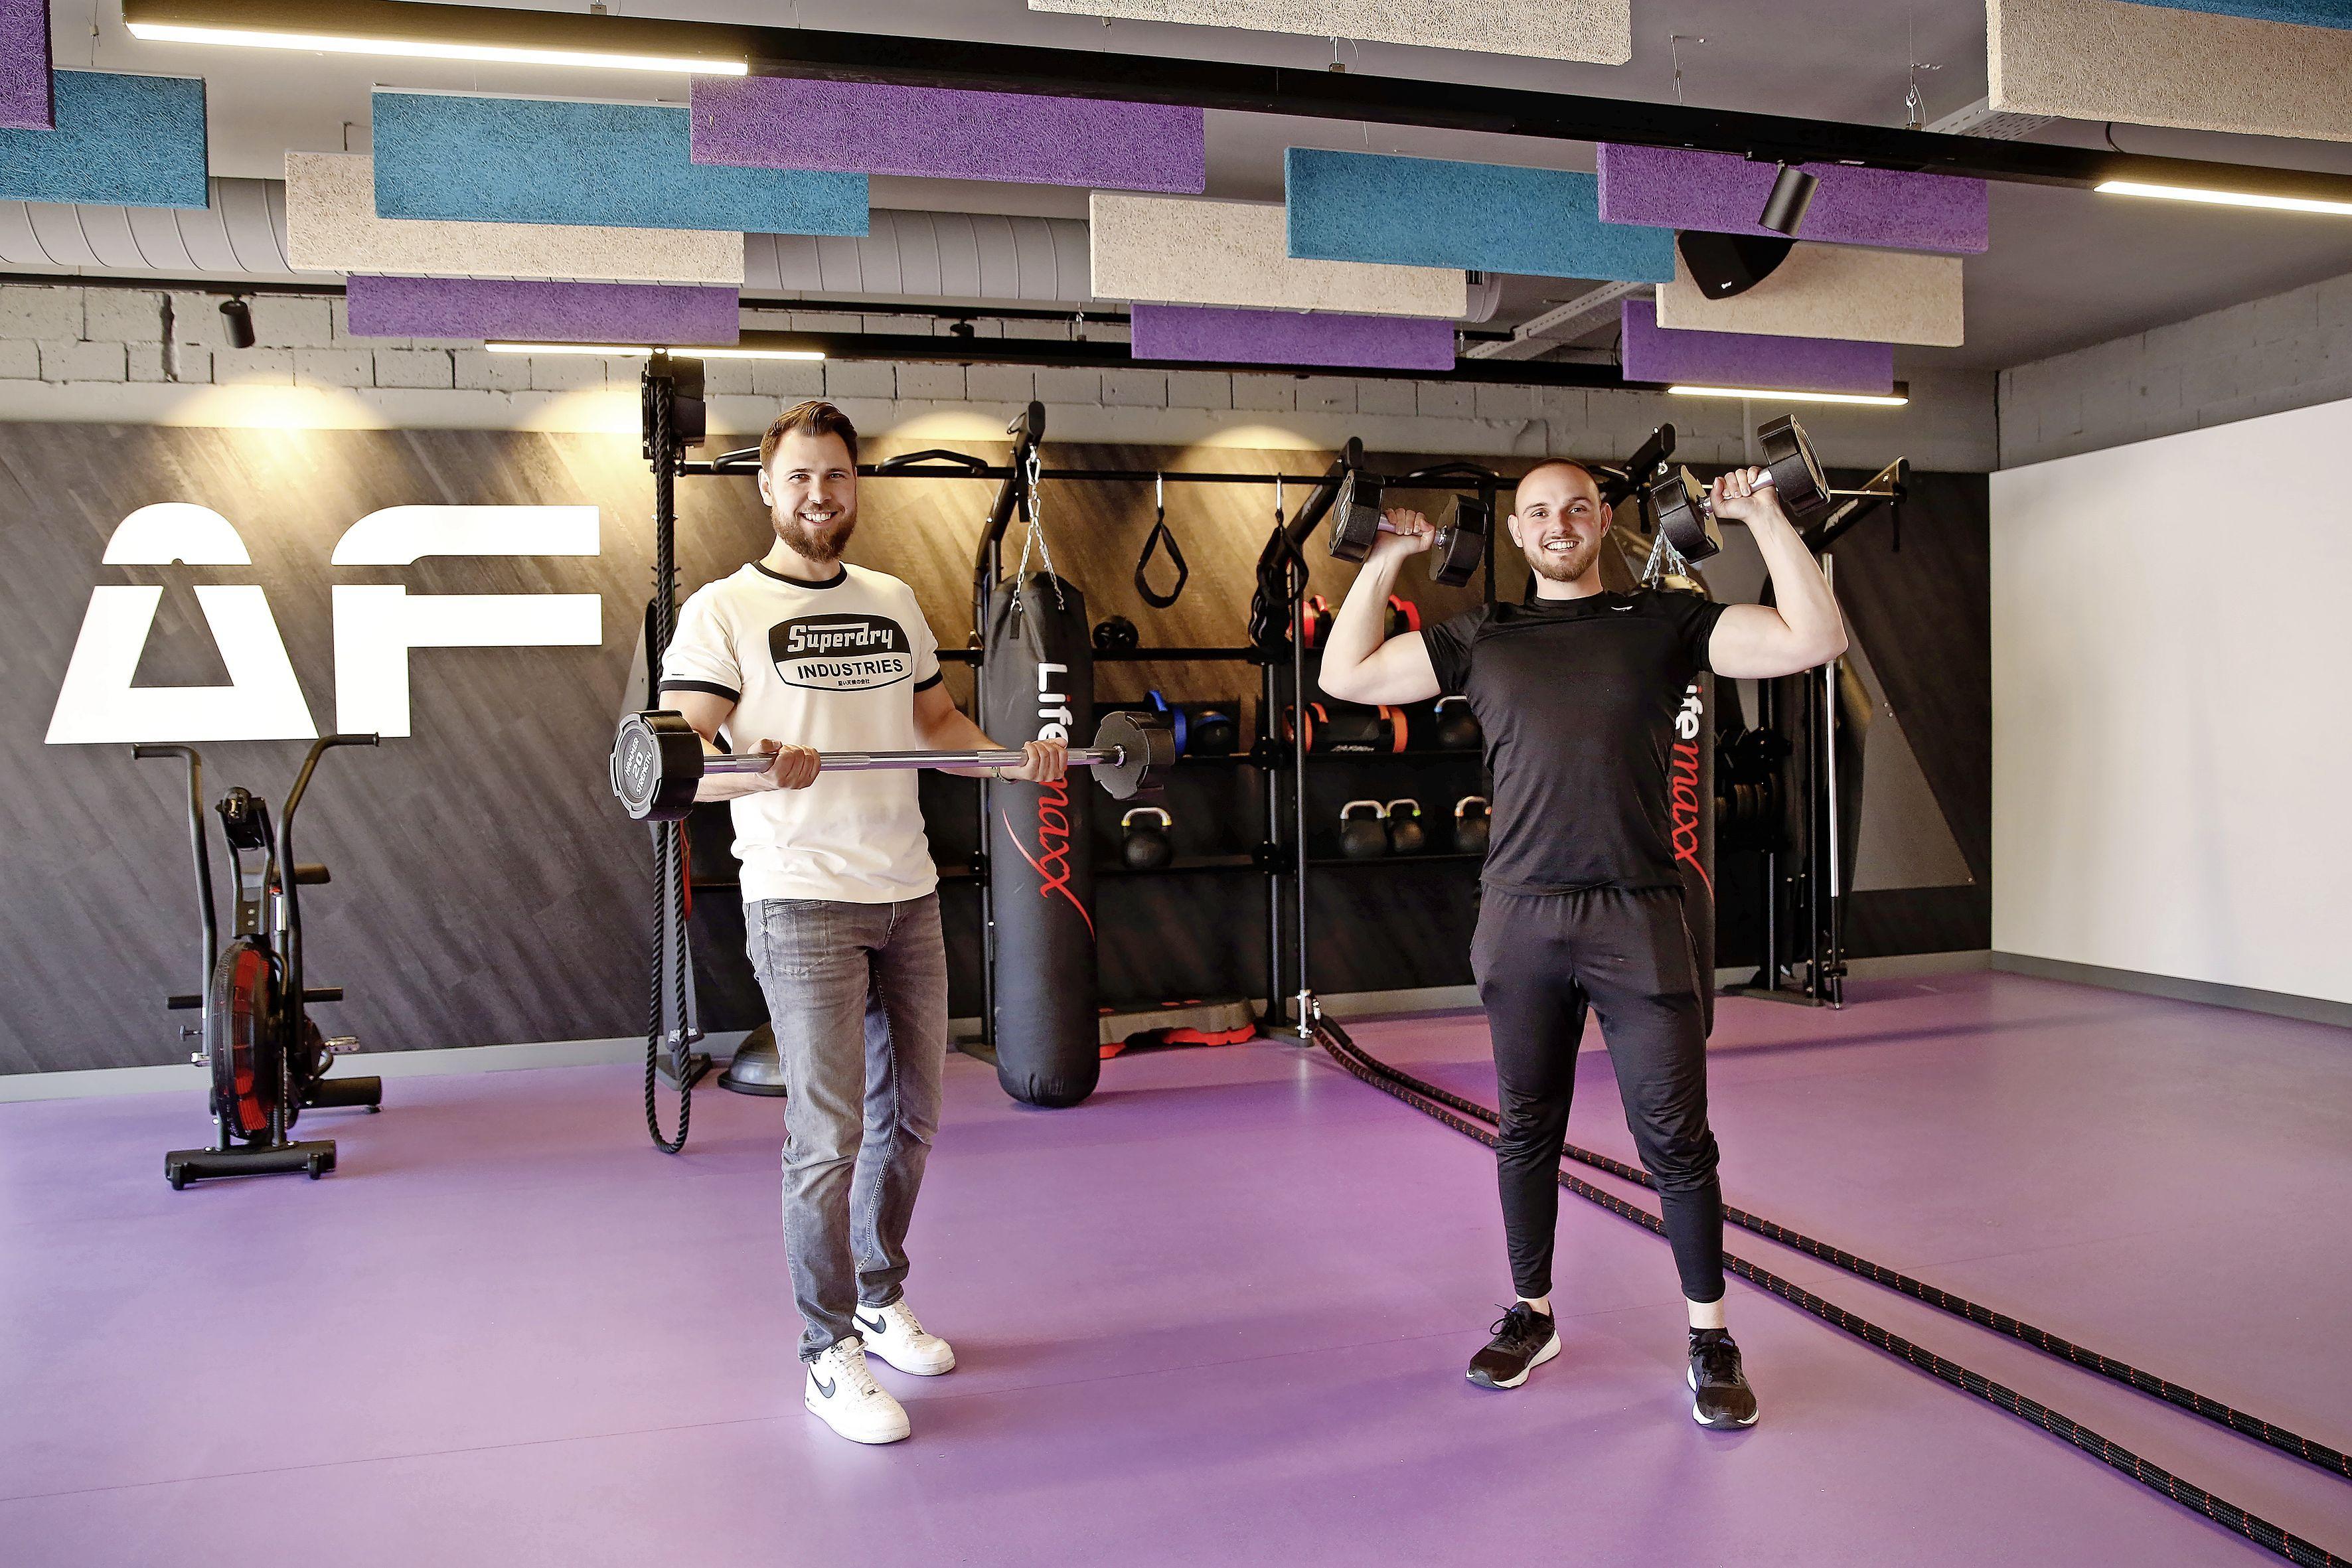 Bussumse broers openen sportschool waar je 24 uur per dag terechtkunt: 'Al tien jaar onze droom om mensen te helpen gezond te blijven'